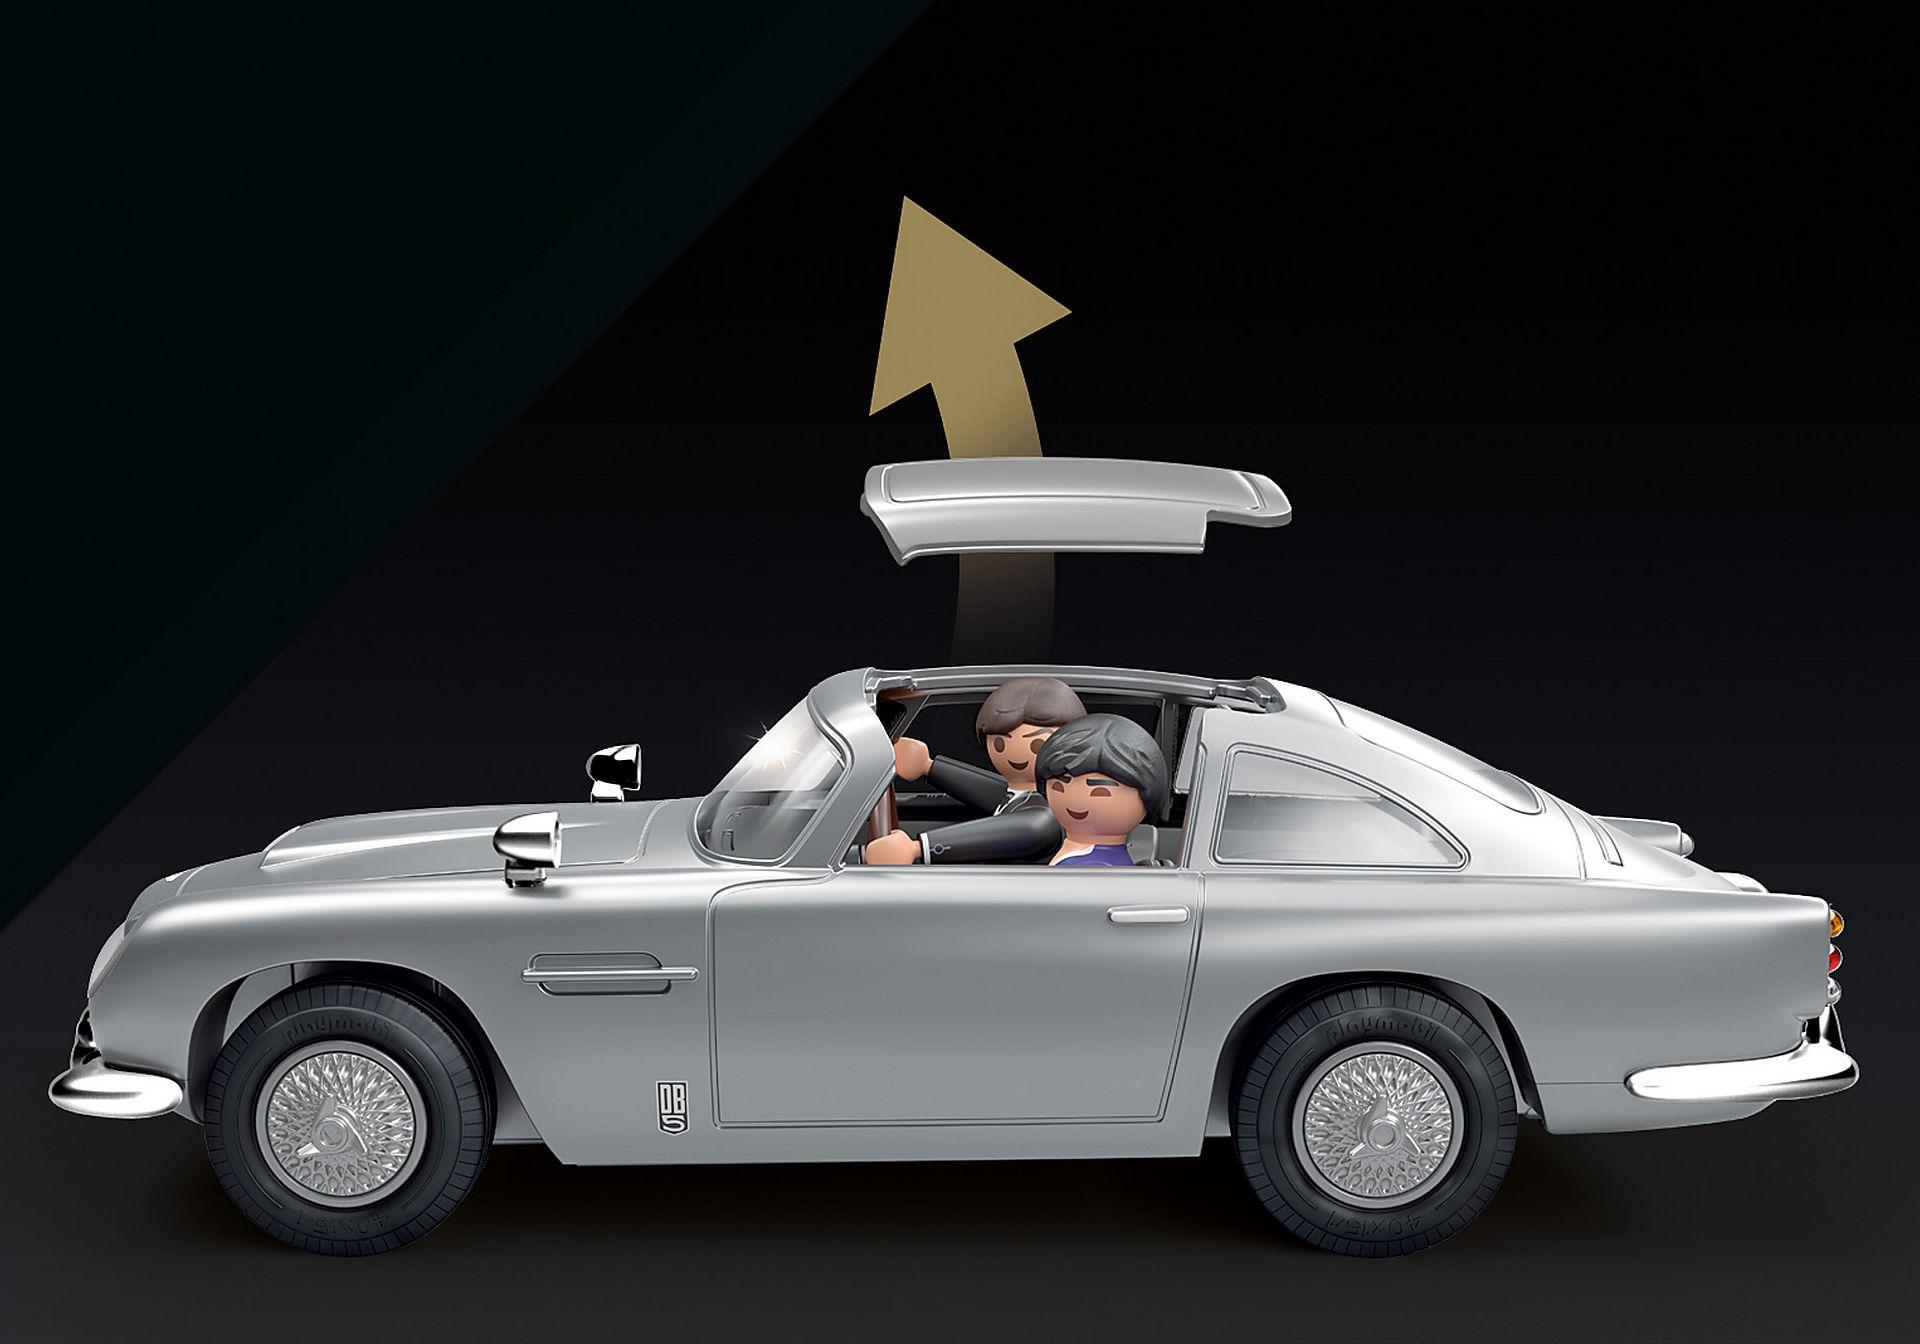 70578 James Bond Aston Martin DB5 - Edición Goldfinger zoom image4